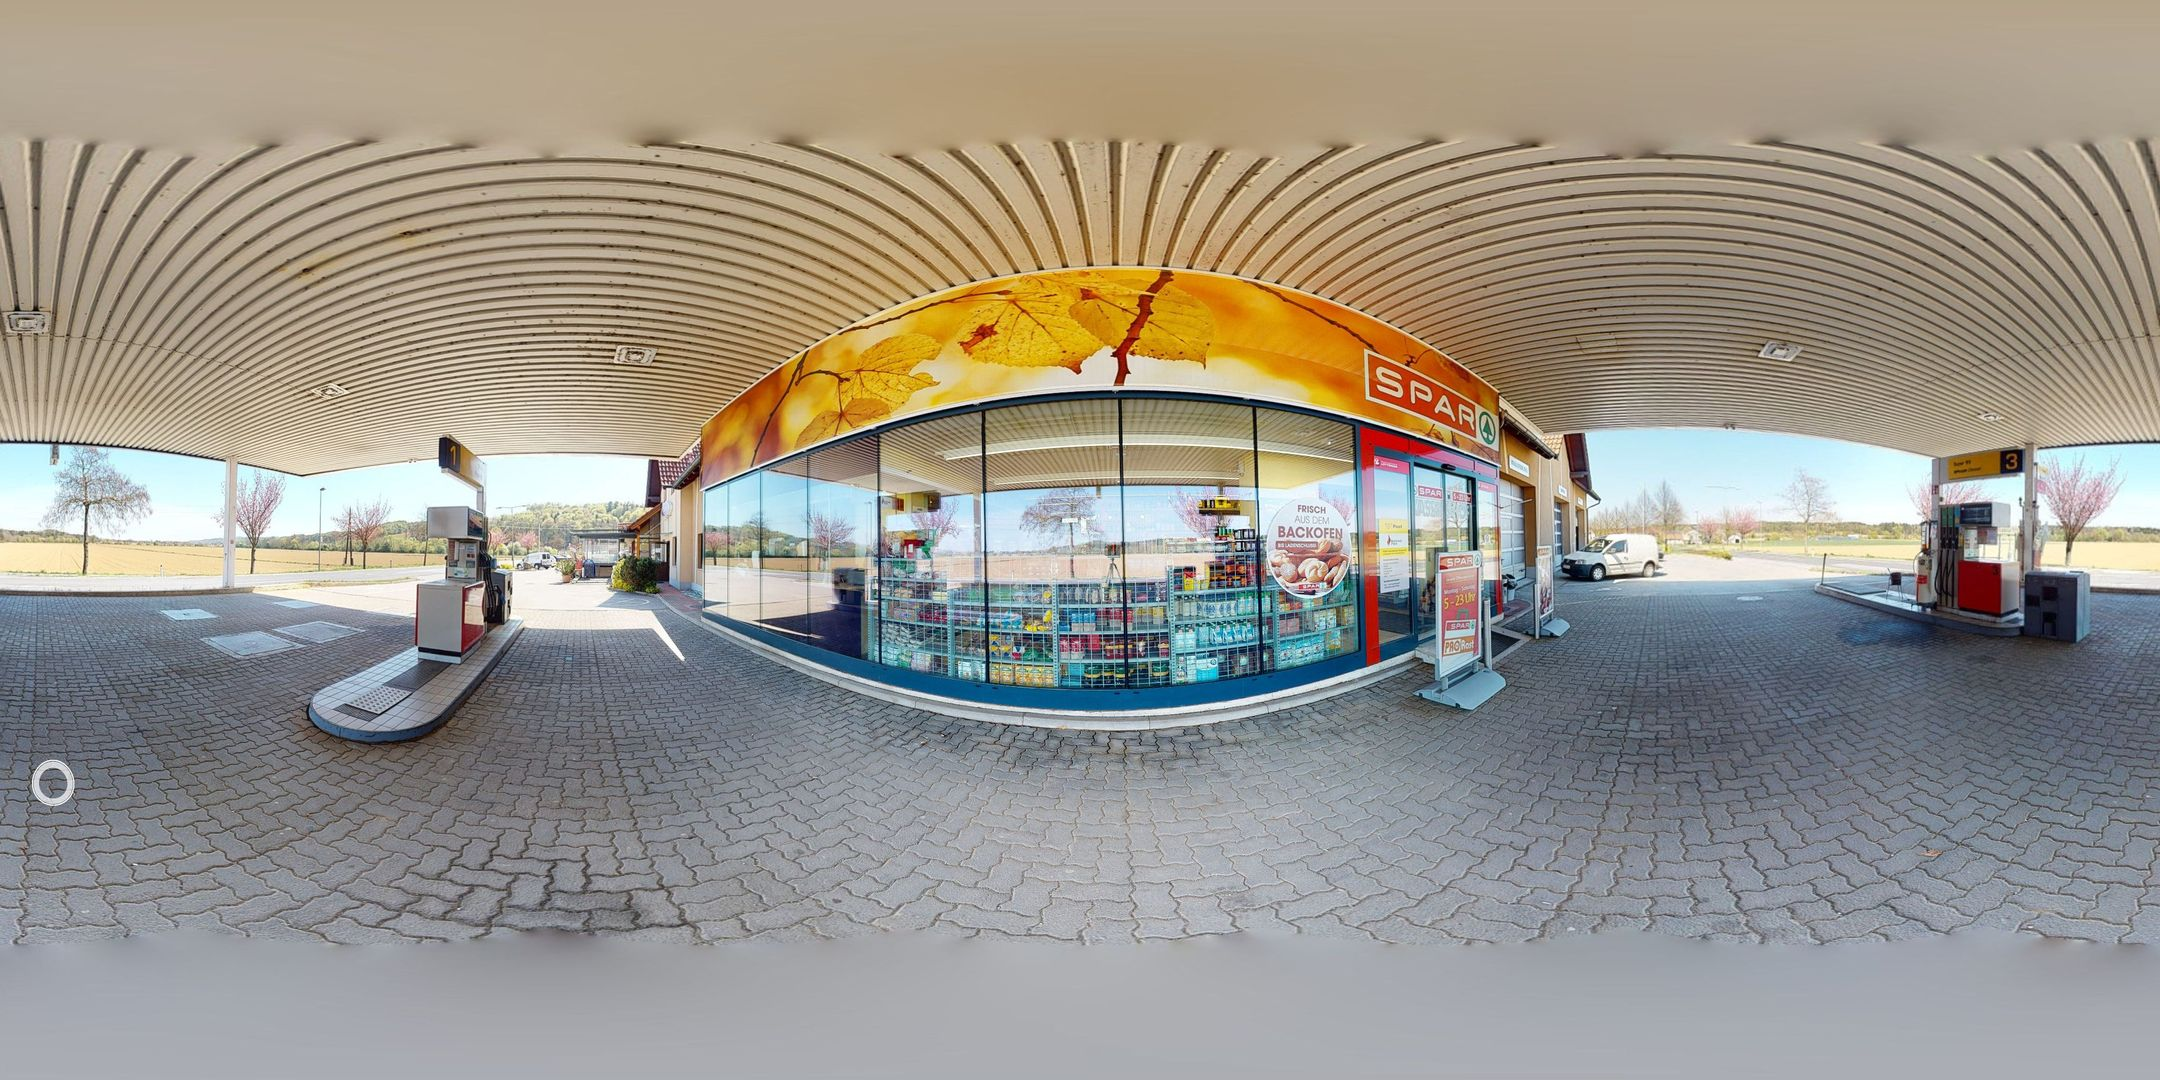 Tankstelle - Spar Supermarkt - Bistro -